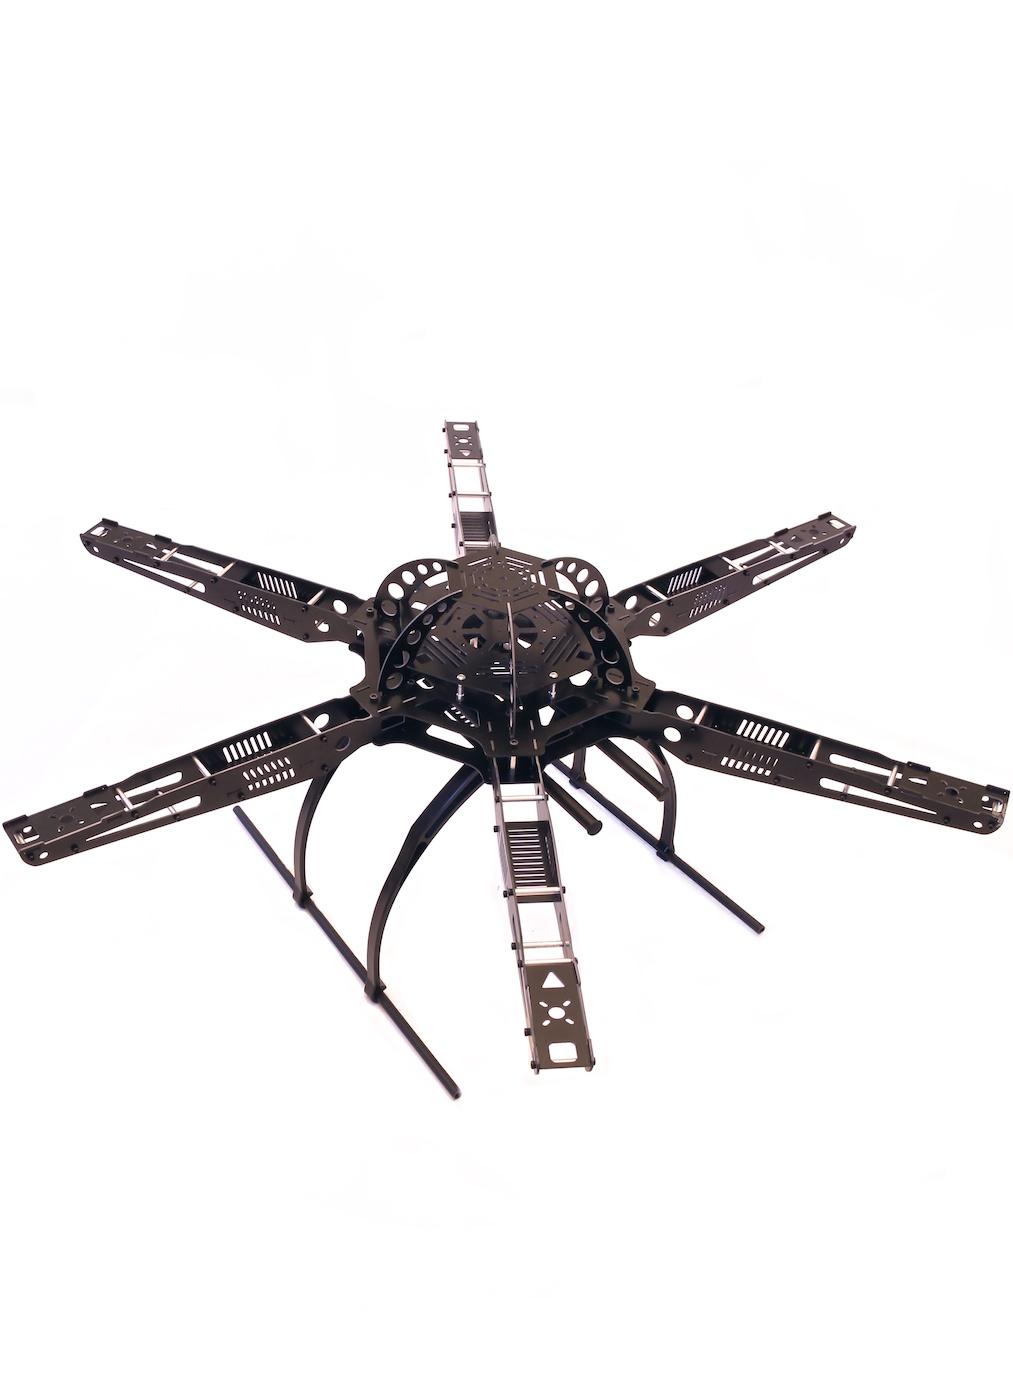 Fiberglass Hexacopter Frame 655 | Flying Tech